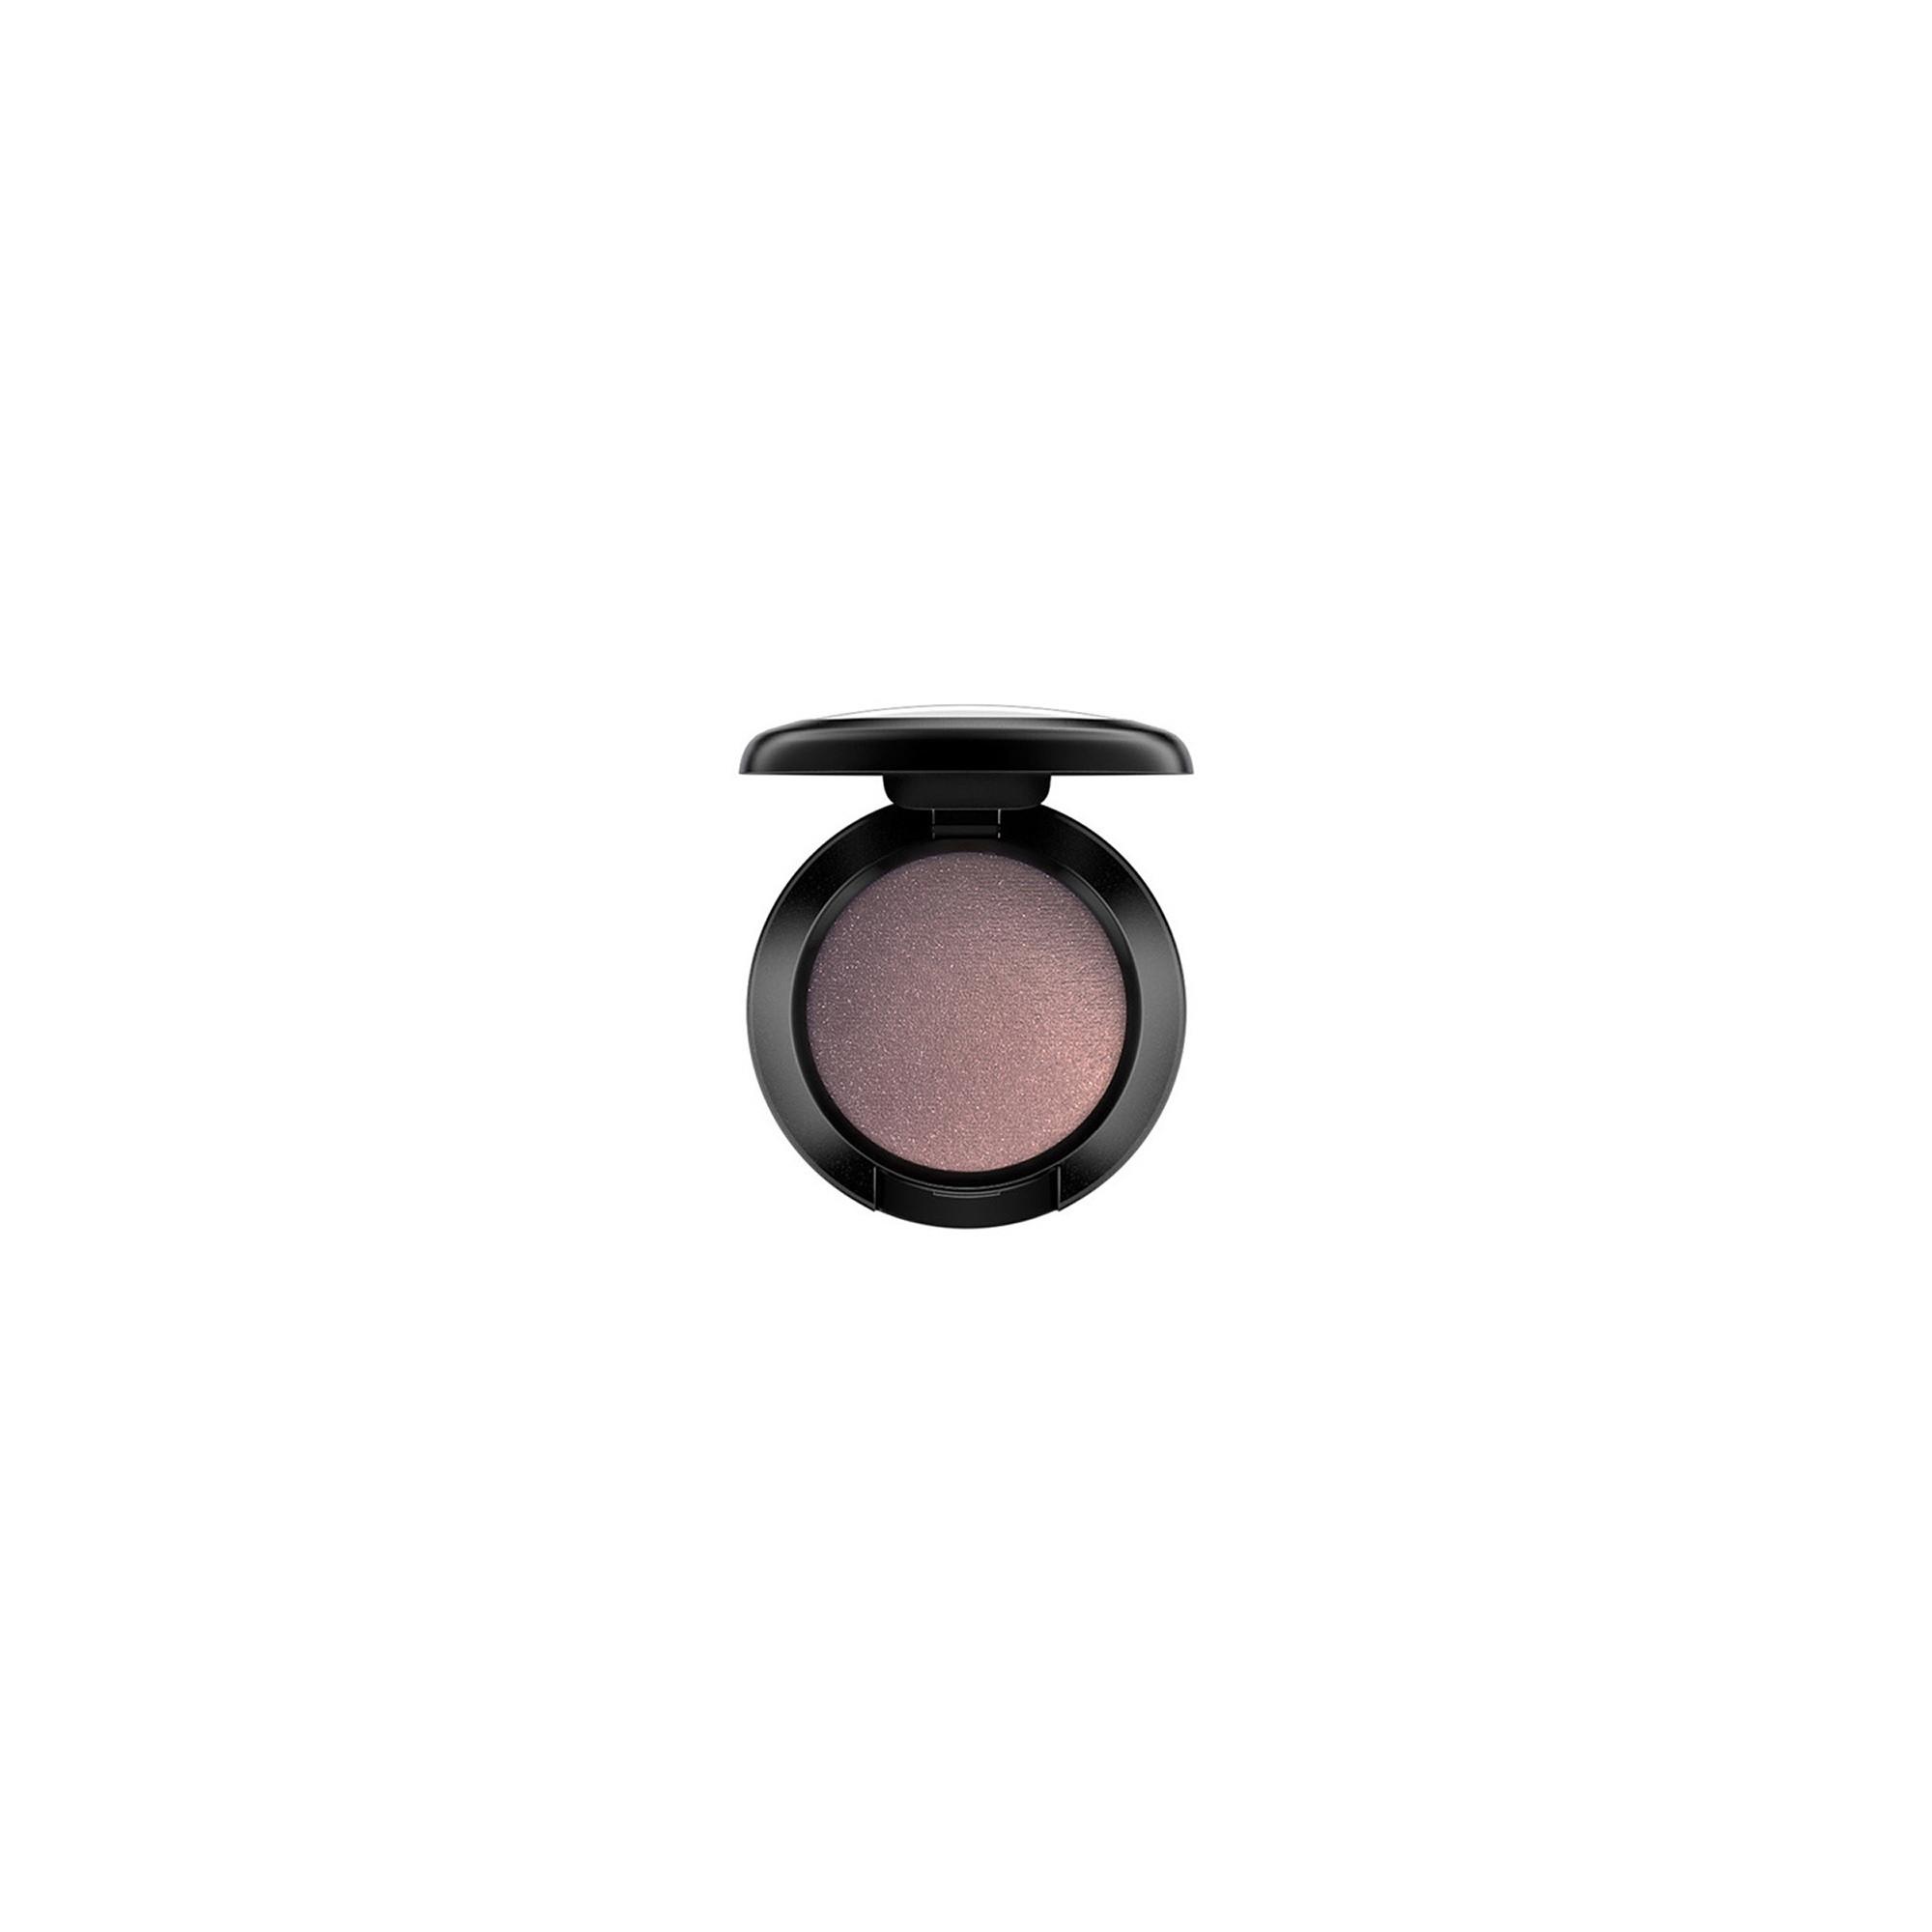 Eye Shadow - Satin Taupe, SATIN TAUPE, large image number 1